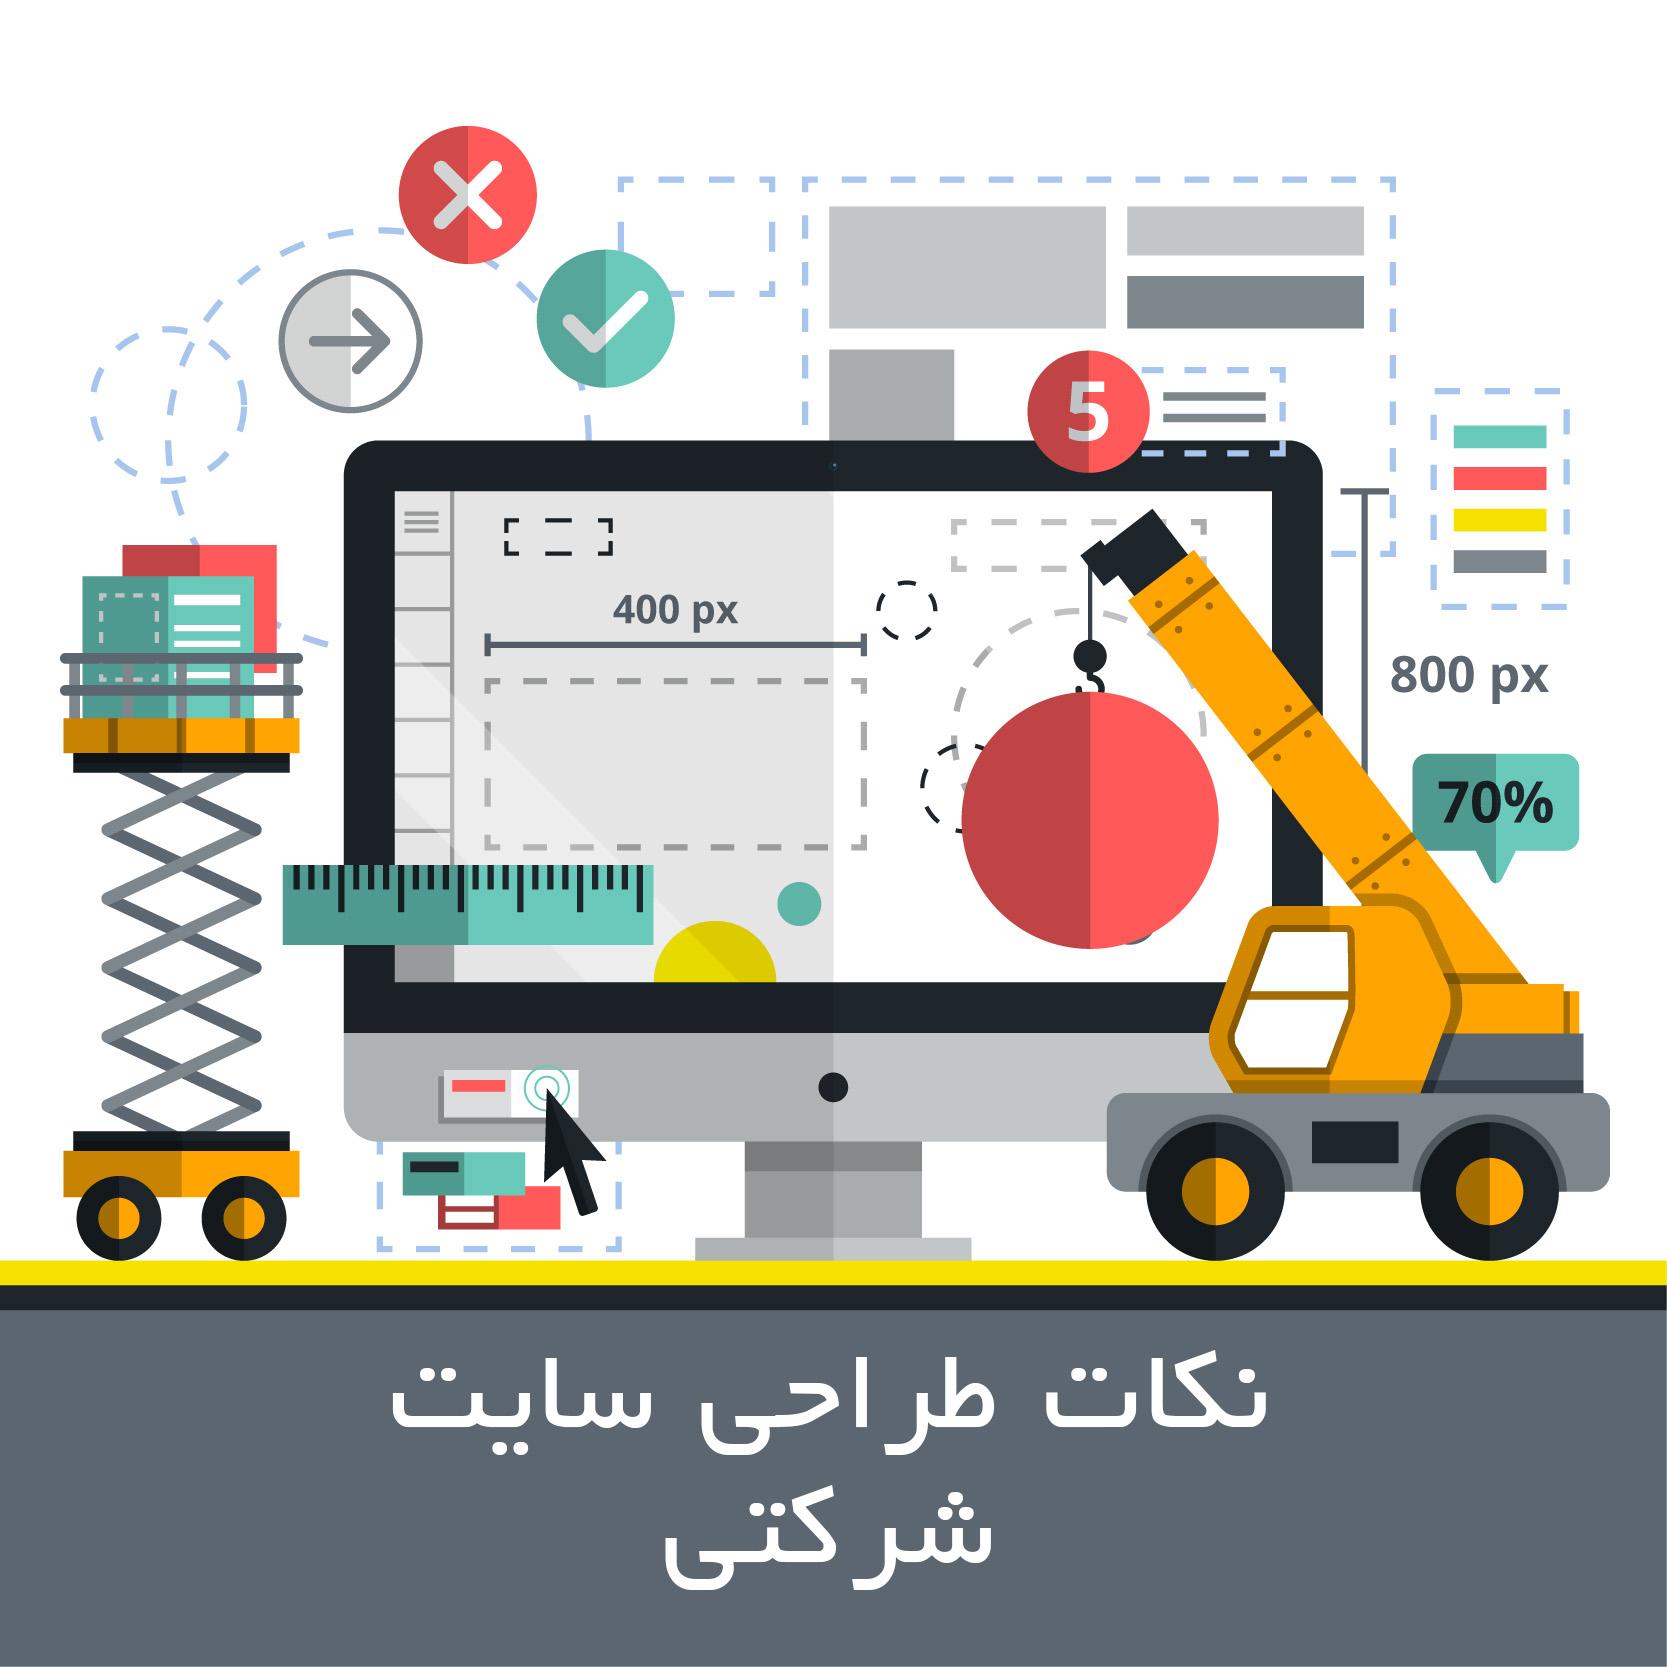 نکات طراحی سایت شرکتی